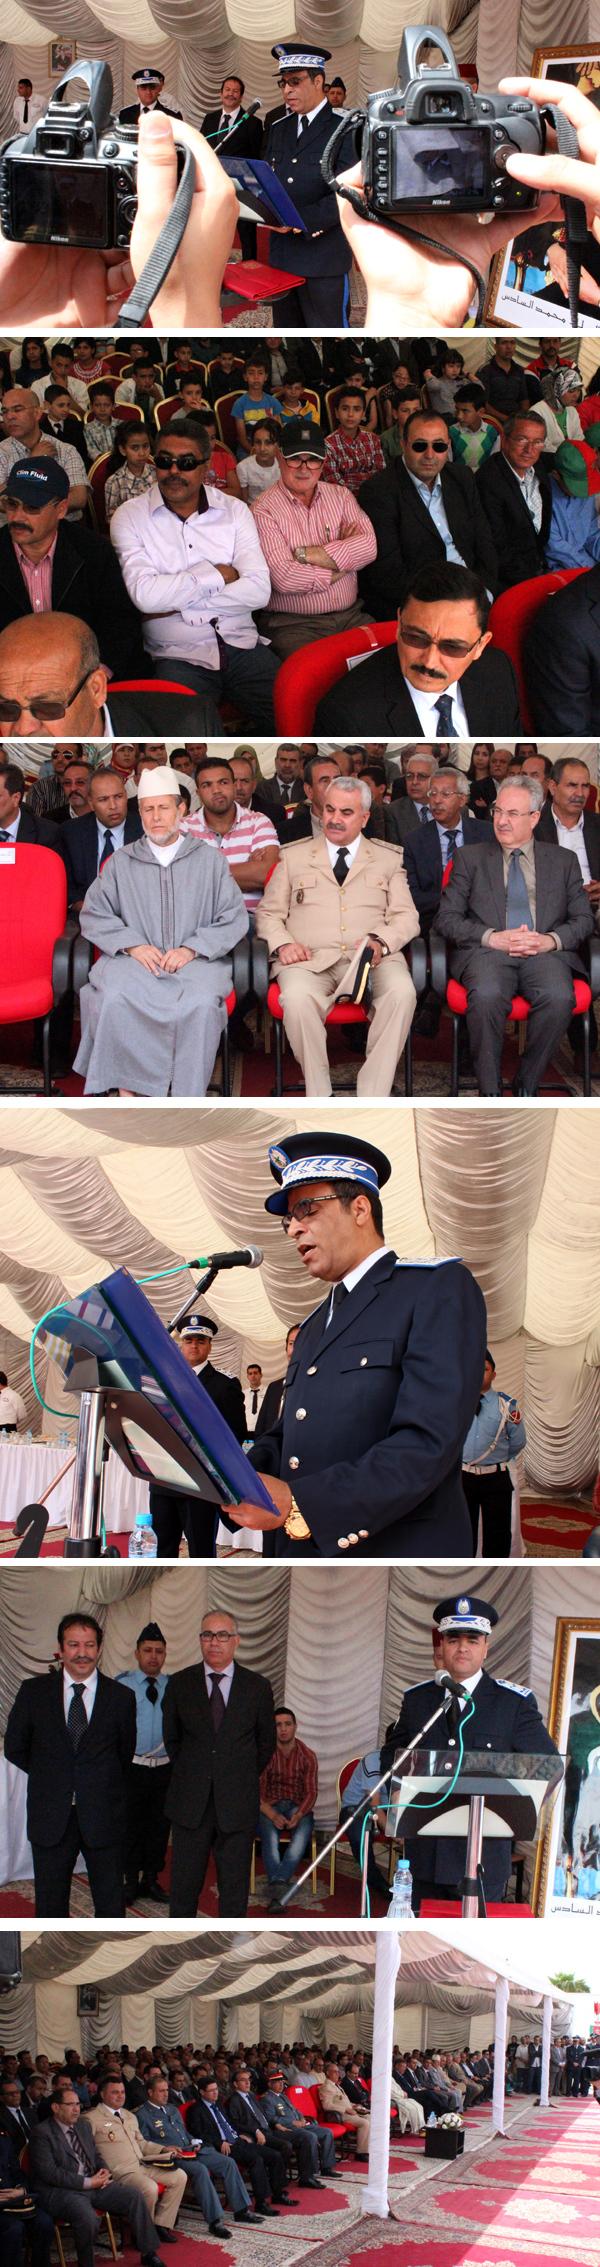 أسرة الأمن الوطني بالناظور تخلد الذكرى 58 لتأسيسها